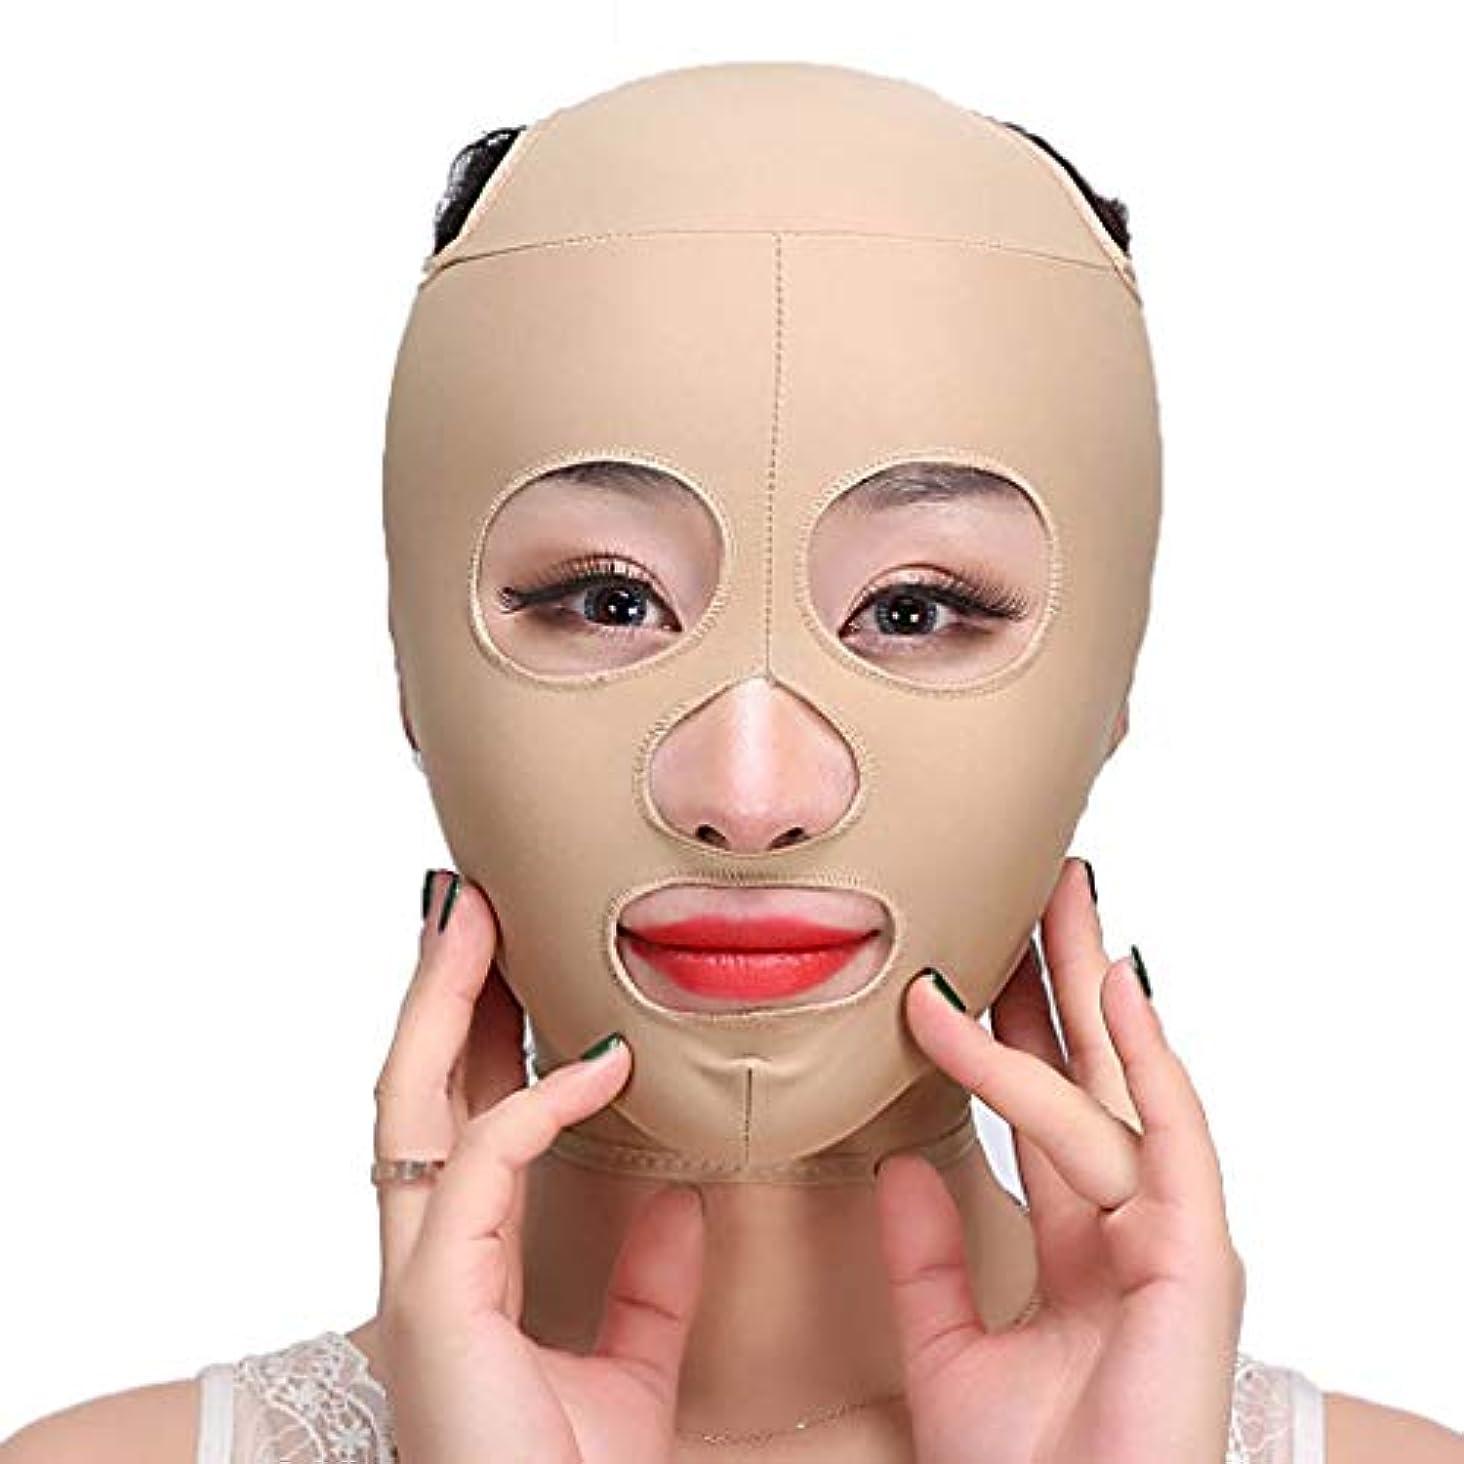 若者通信網LJK 痩身ベルト、フェイスマスク薄いフェイス楽器リフティング引き締めVフェイス男性と女性フェイスリフティングステッカーダブルチンフェイスリフティングフェイスマスク包帯フェイシャルマッサージ (Size : L)